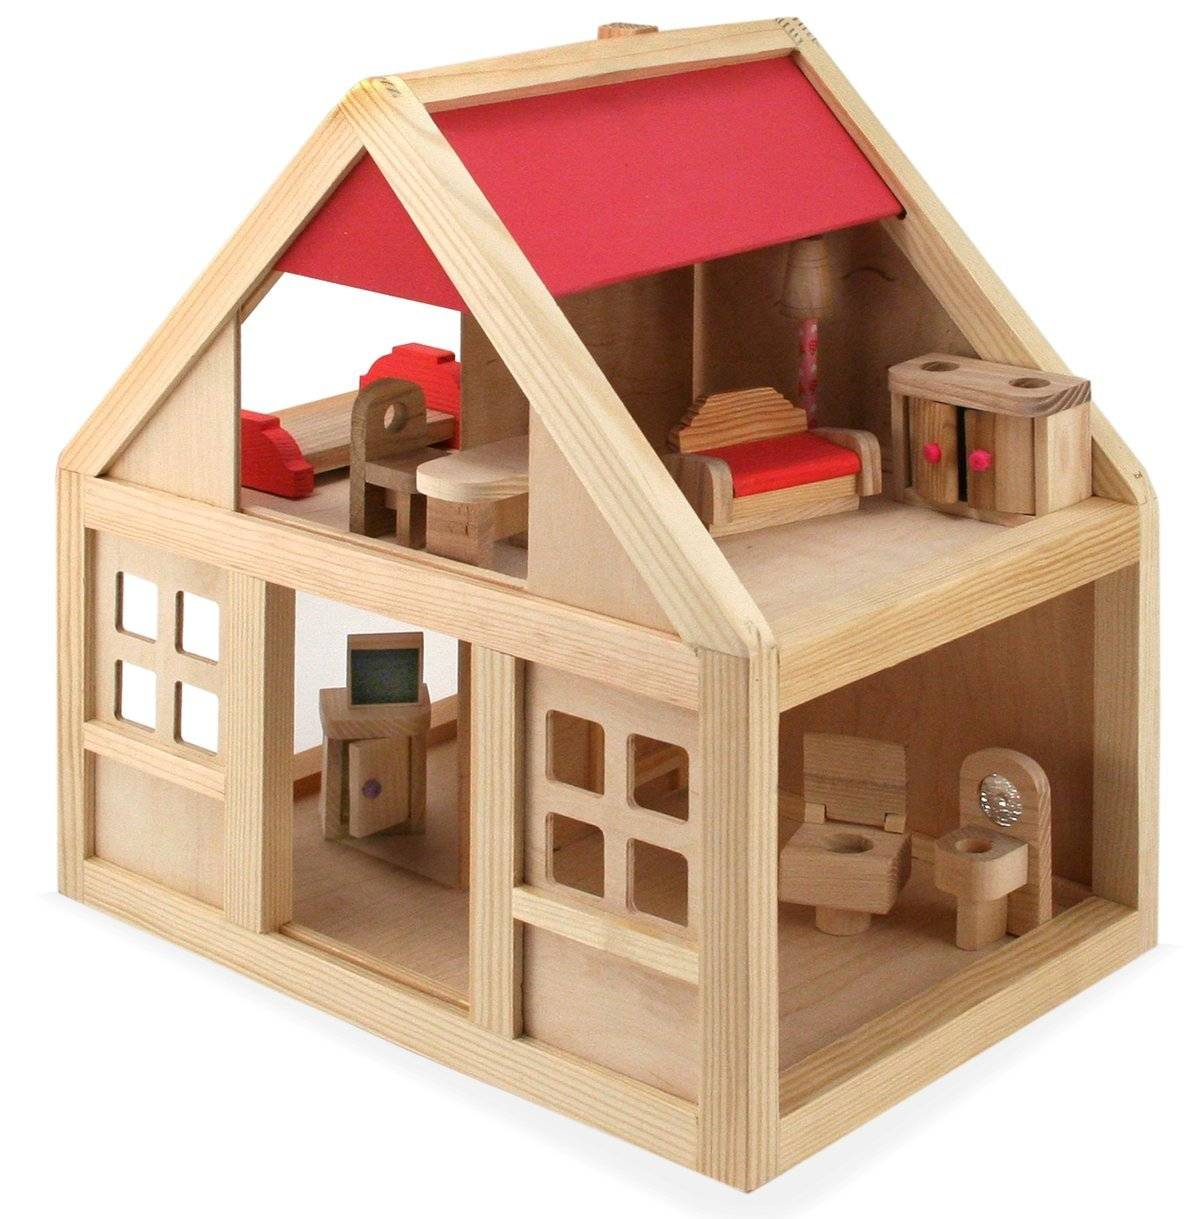 Кукольная жизнь макет модель кукольный домик для дочурки своими руками фанера